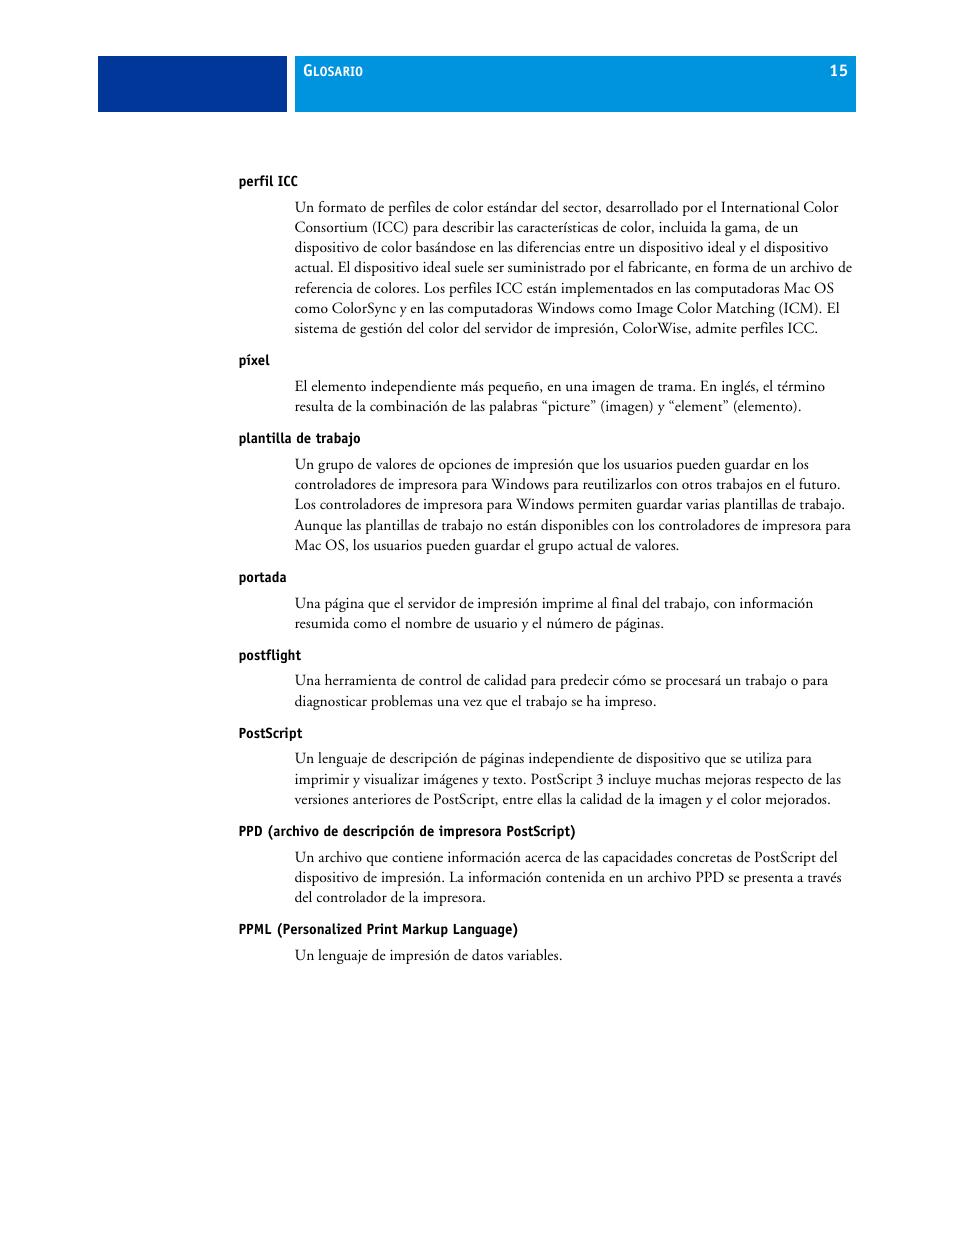 Perfil icc, Píxel, Plantilla de trabajo | Xerox Impresora de color ...